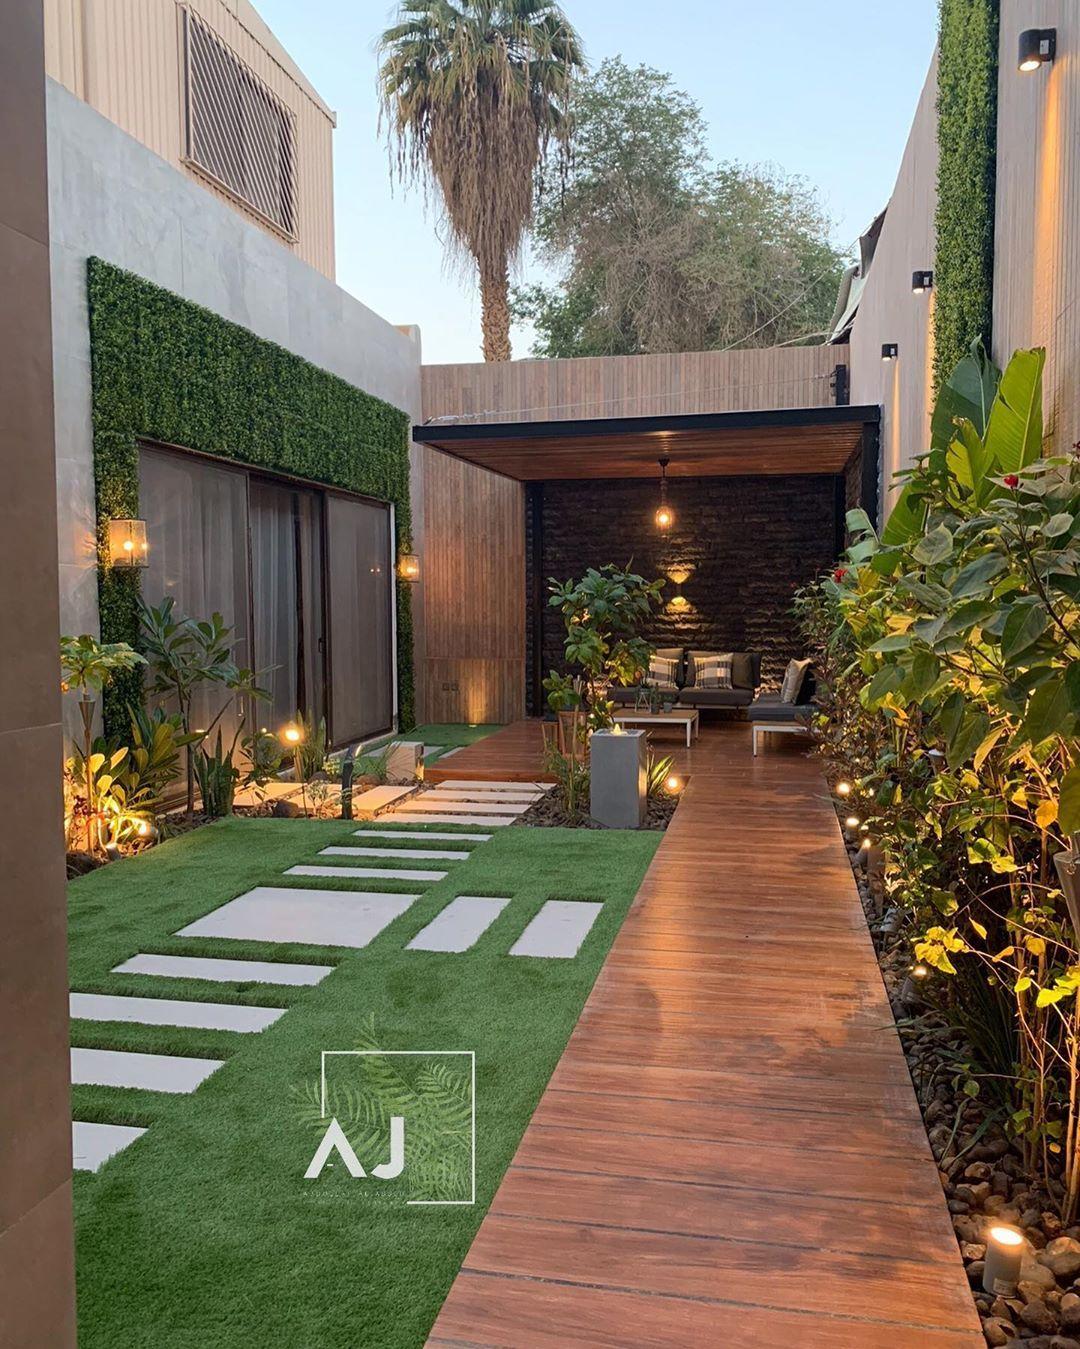 حديقة خلفية لمنزل قبل وبعد تصميم وتنفيذ عبدالله الجاسر Small Backyard Landscaping Outdoor Gardens Design Backyard Design